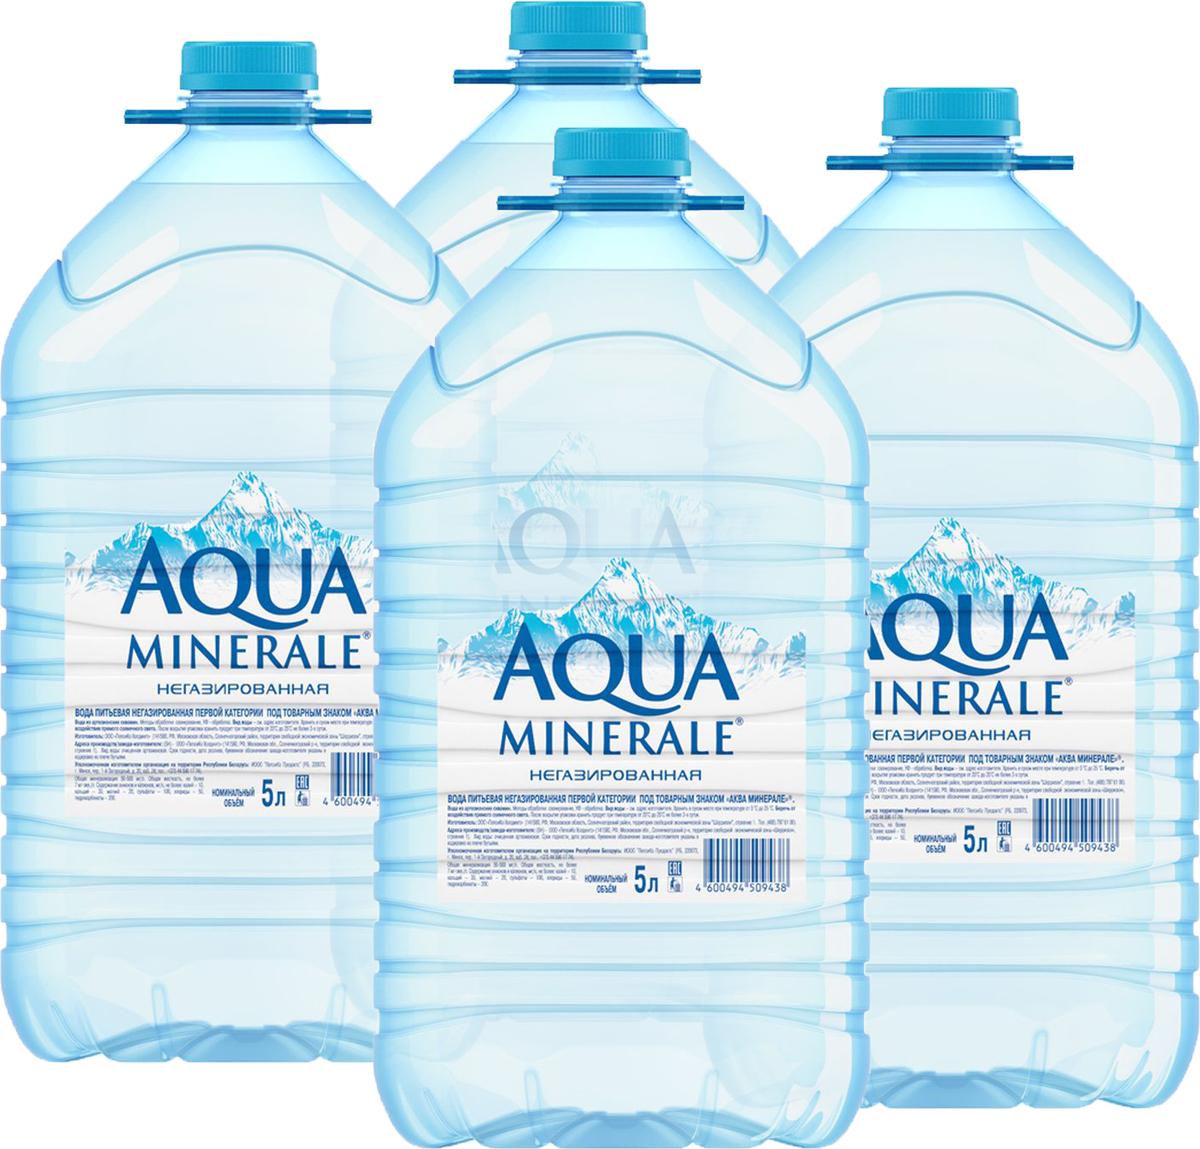 Aqua Minerale вода питьевая негазированная, 4 штук по 5 л aqua minerale вода газированная питьевая 1 л